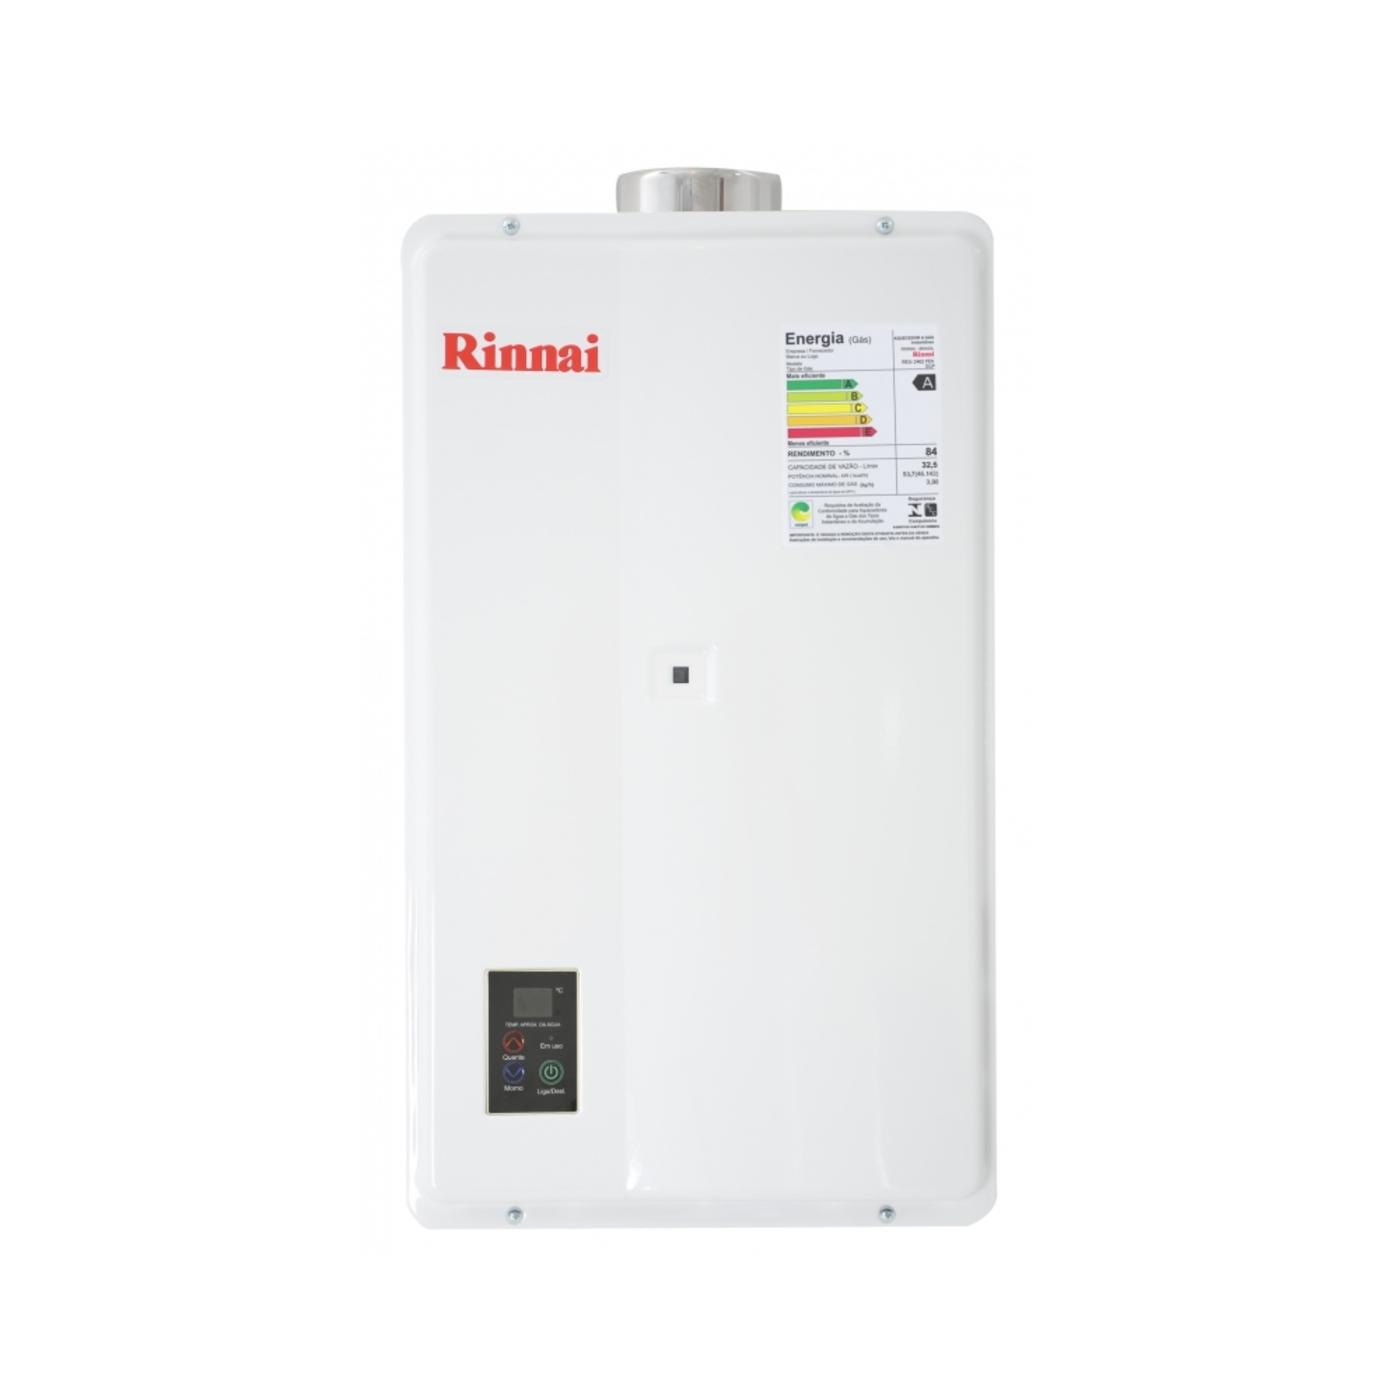 Água a Gás Rinnai 32 5 Litros Digital REU 2402 FEH FRETE GRÁTIS #B7AF14 1400x1400 Balança Digital Banheiro Frete Grátis